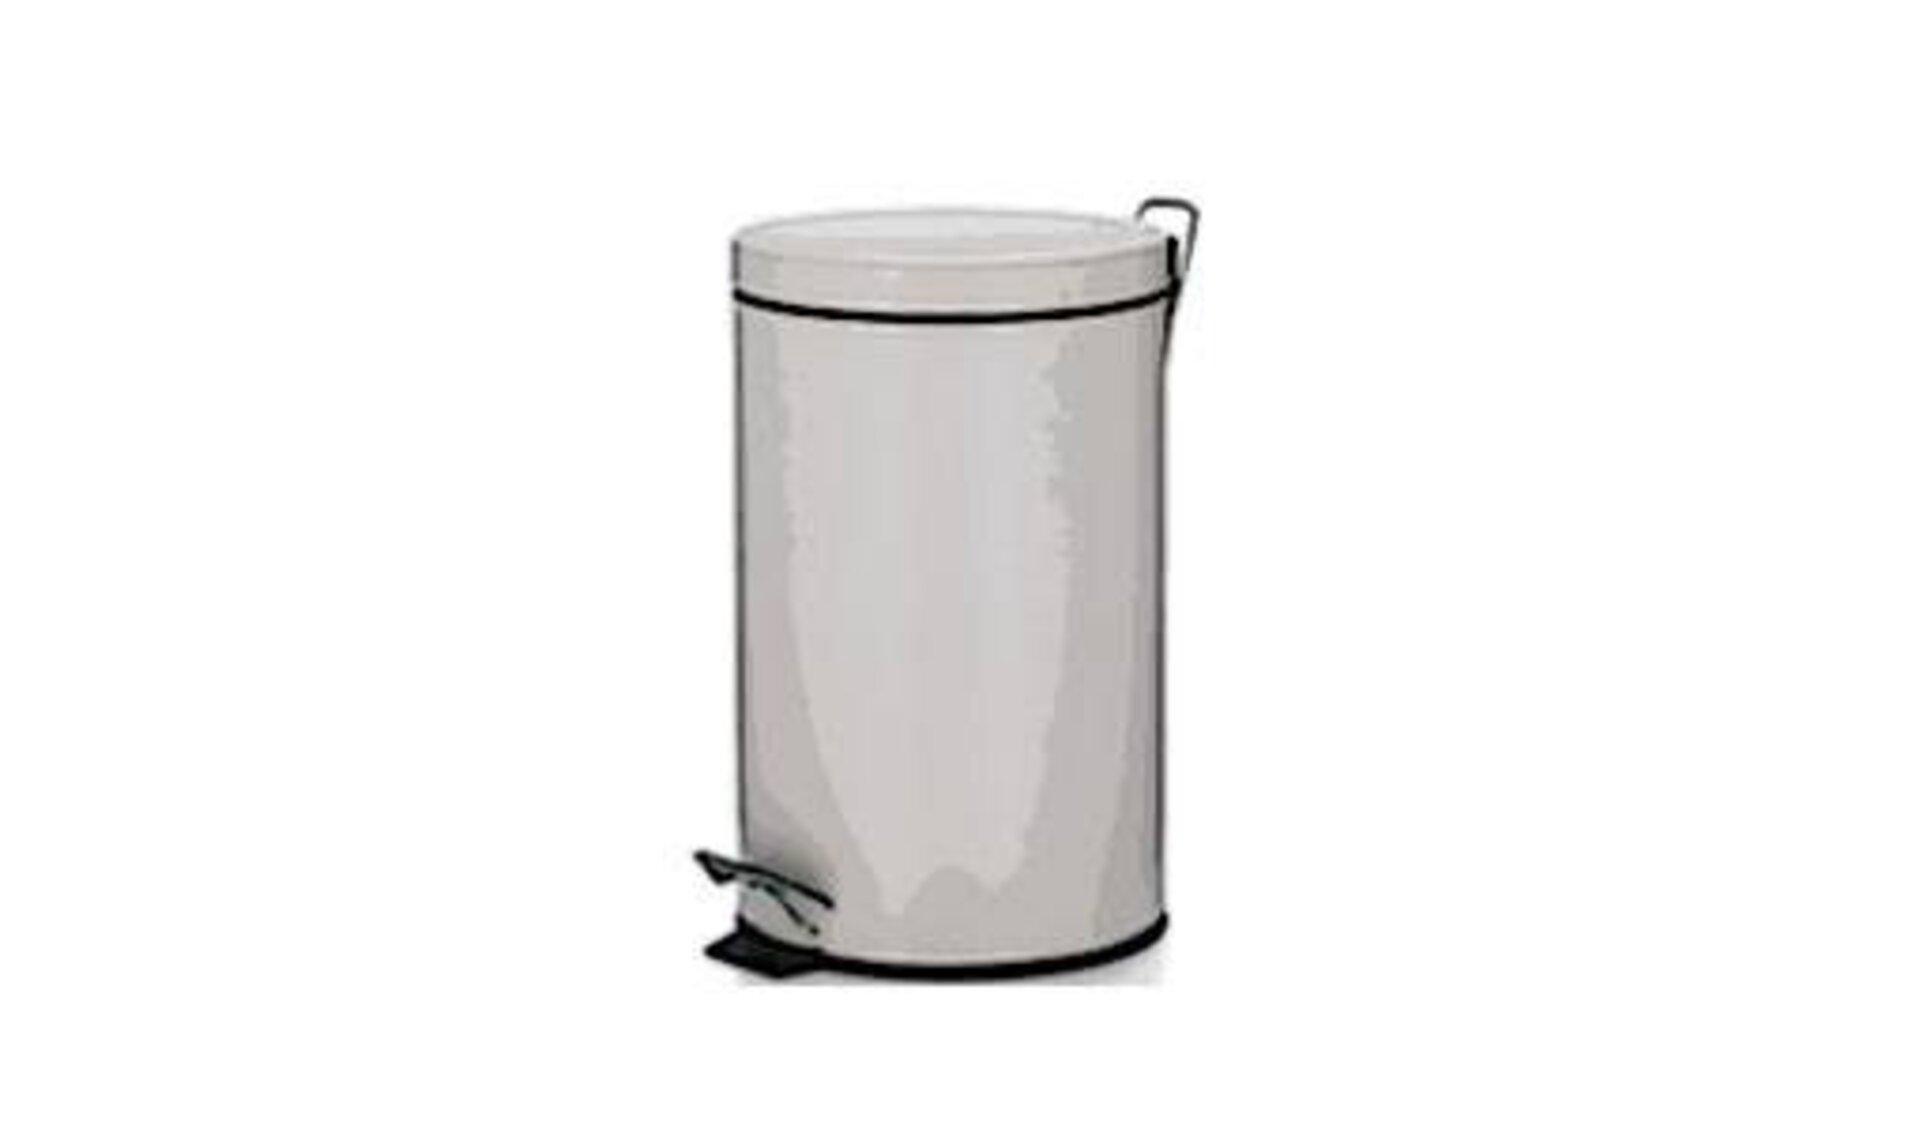 """Die Kategorie """"Mülleimer"""" wird durch einen weißen Treteimer aus weißem Metall dargestellt."""